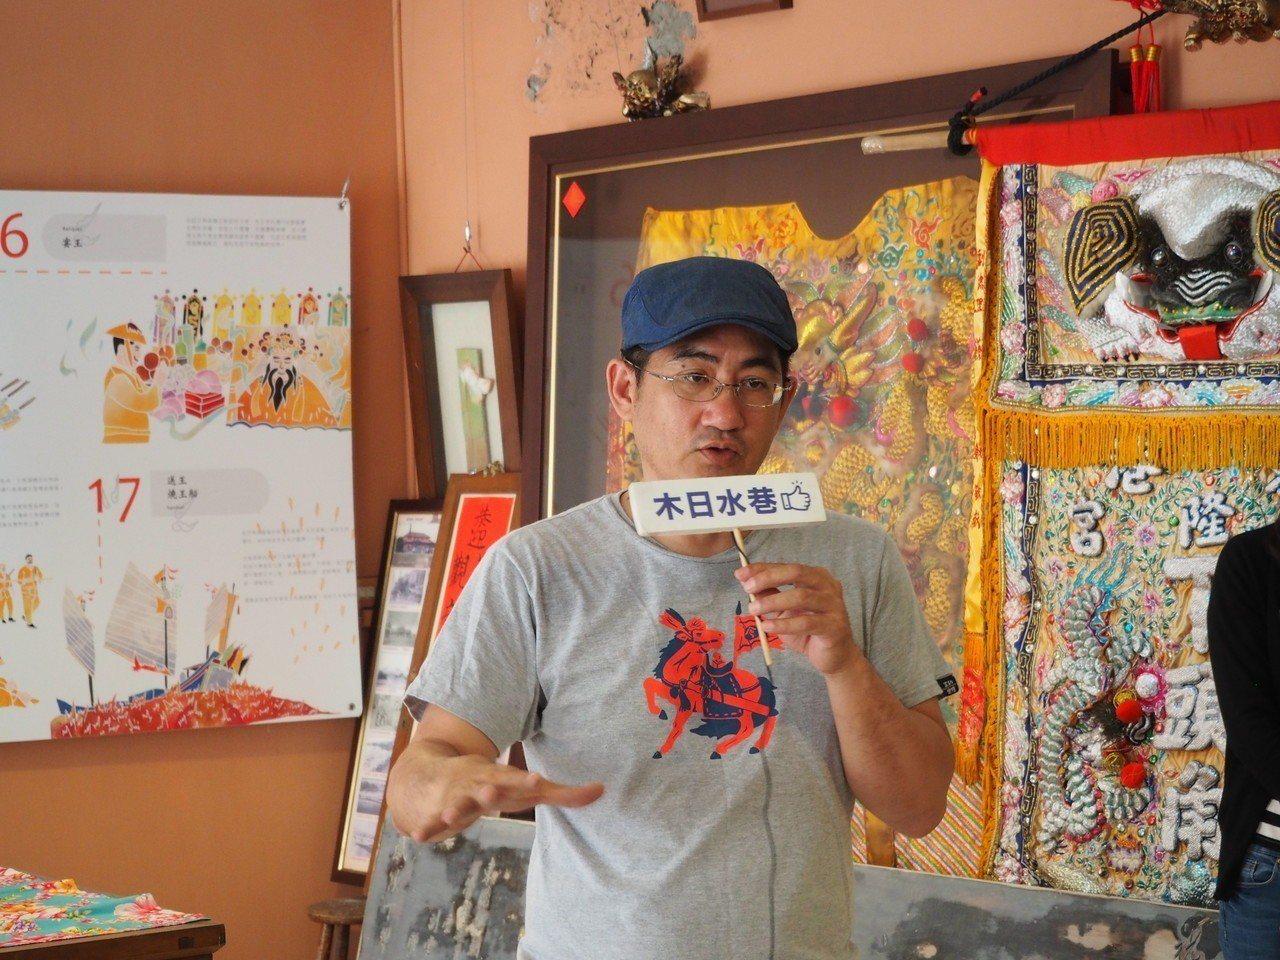 東港「木日水巷」人文空間創辦人蘇煌文,導覽東港在地文化經驗非常豐富。 記者蔣繼平...